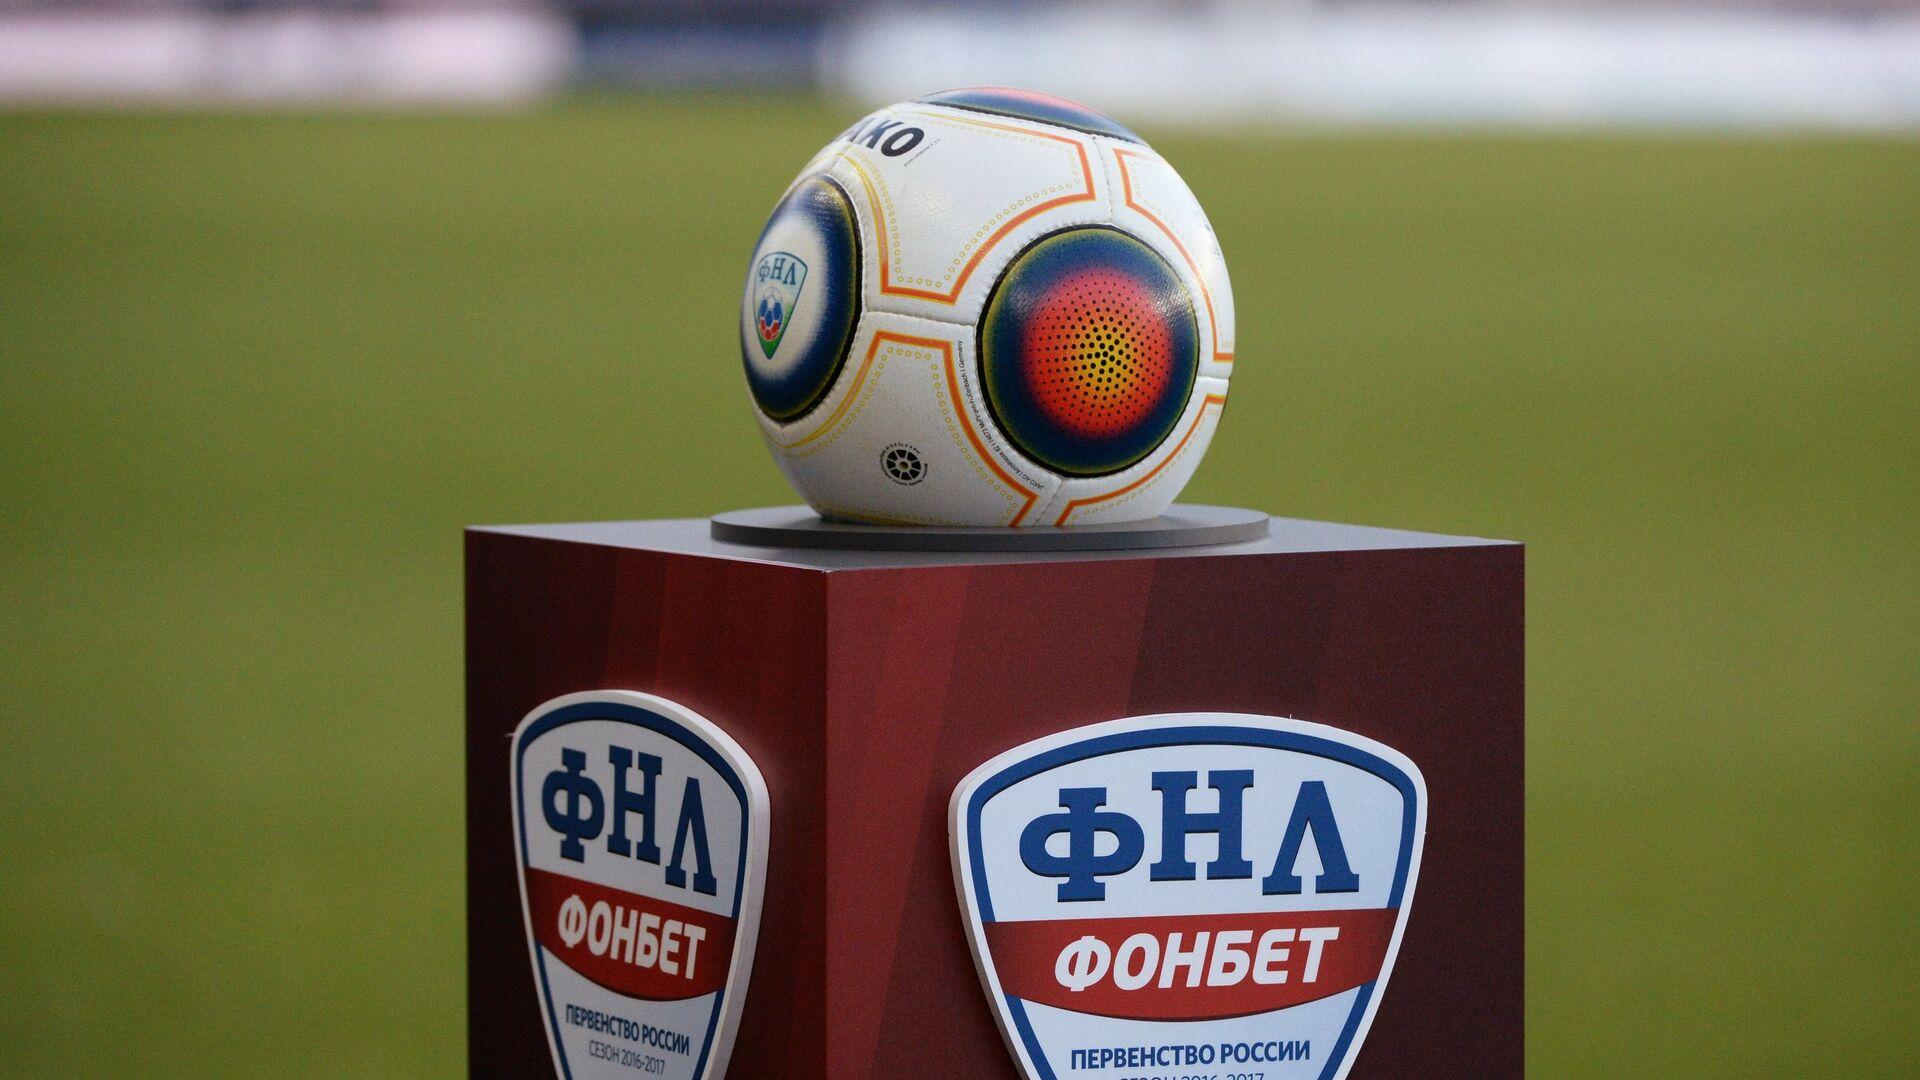 Официальный мяч Футбольной Национальной лиги - РИА Новости, 1920, 08.12.2020